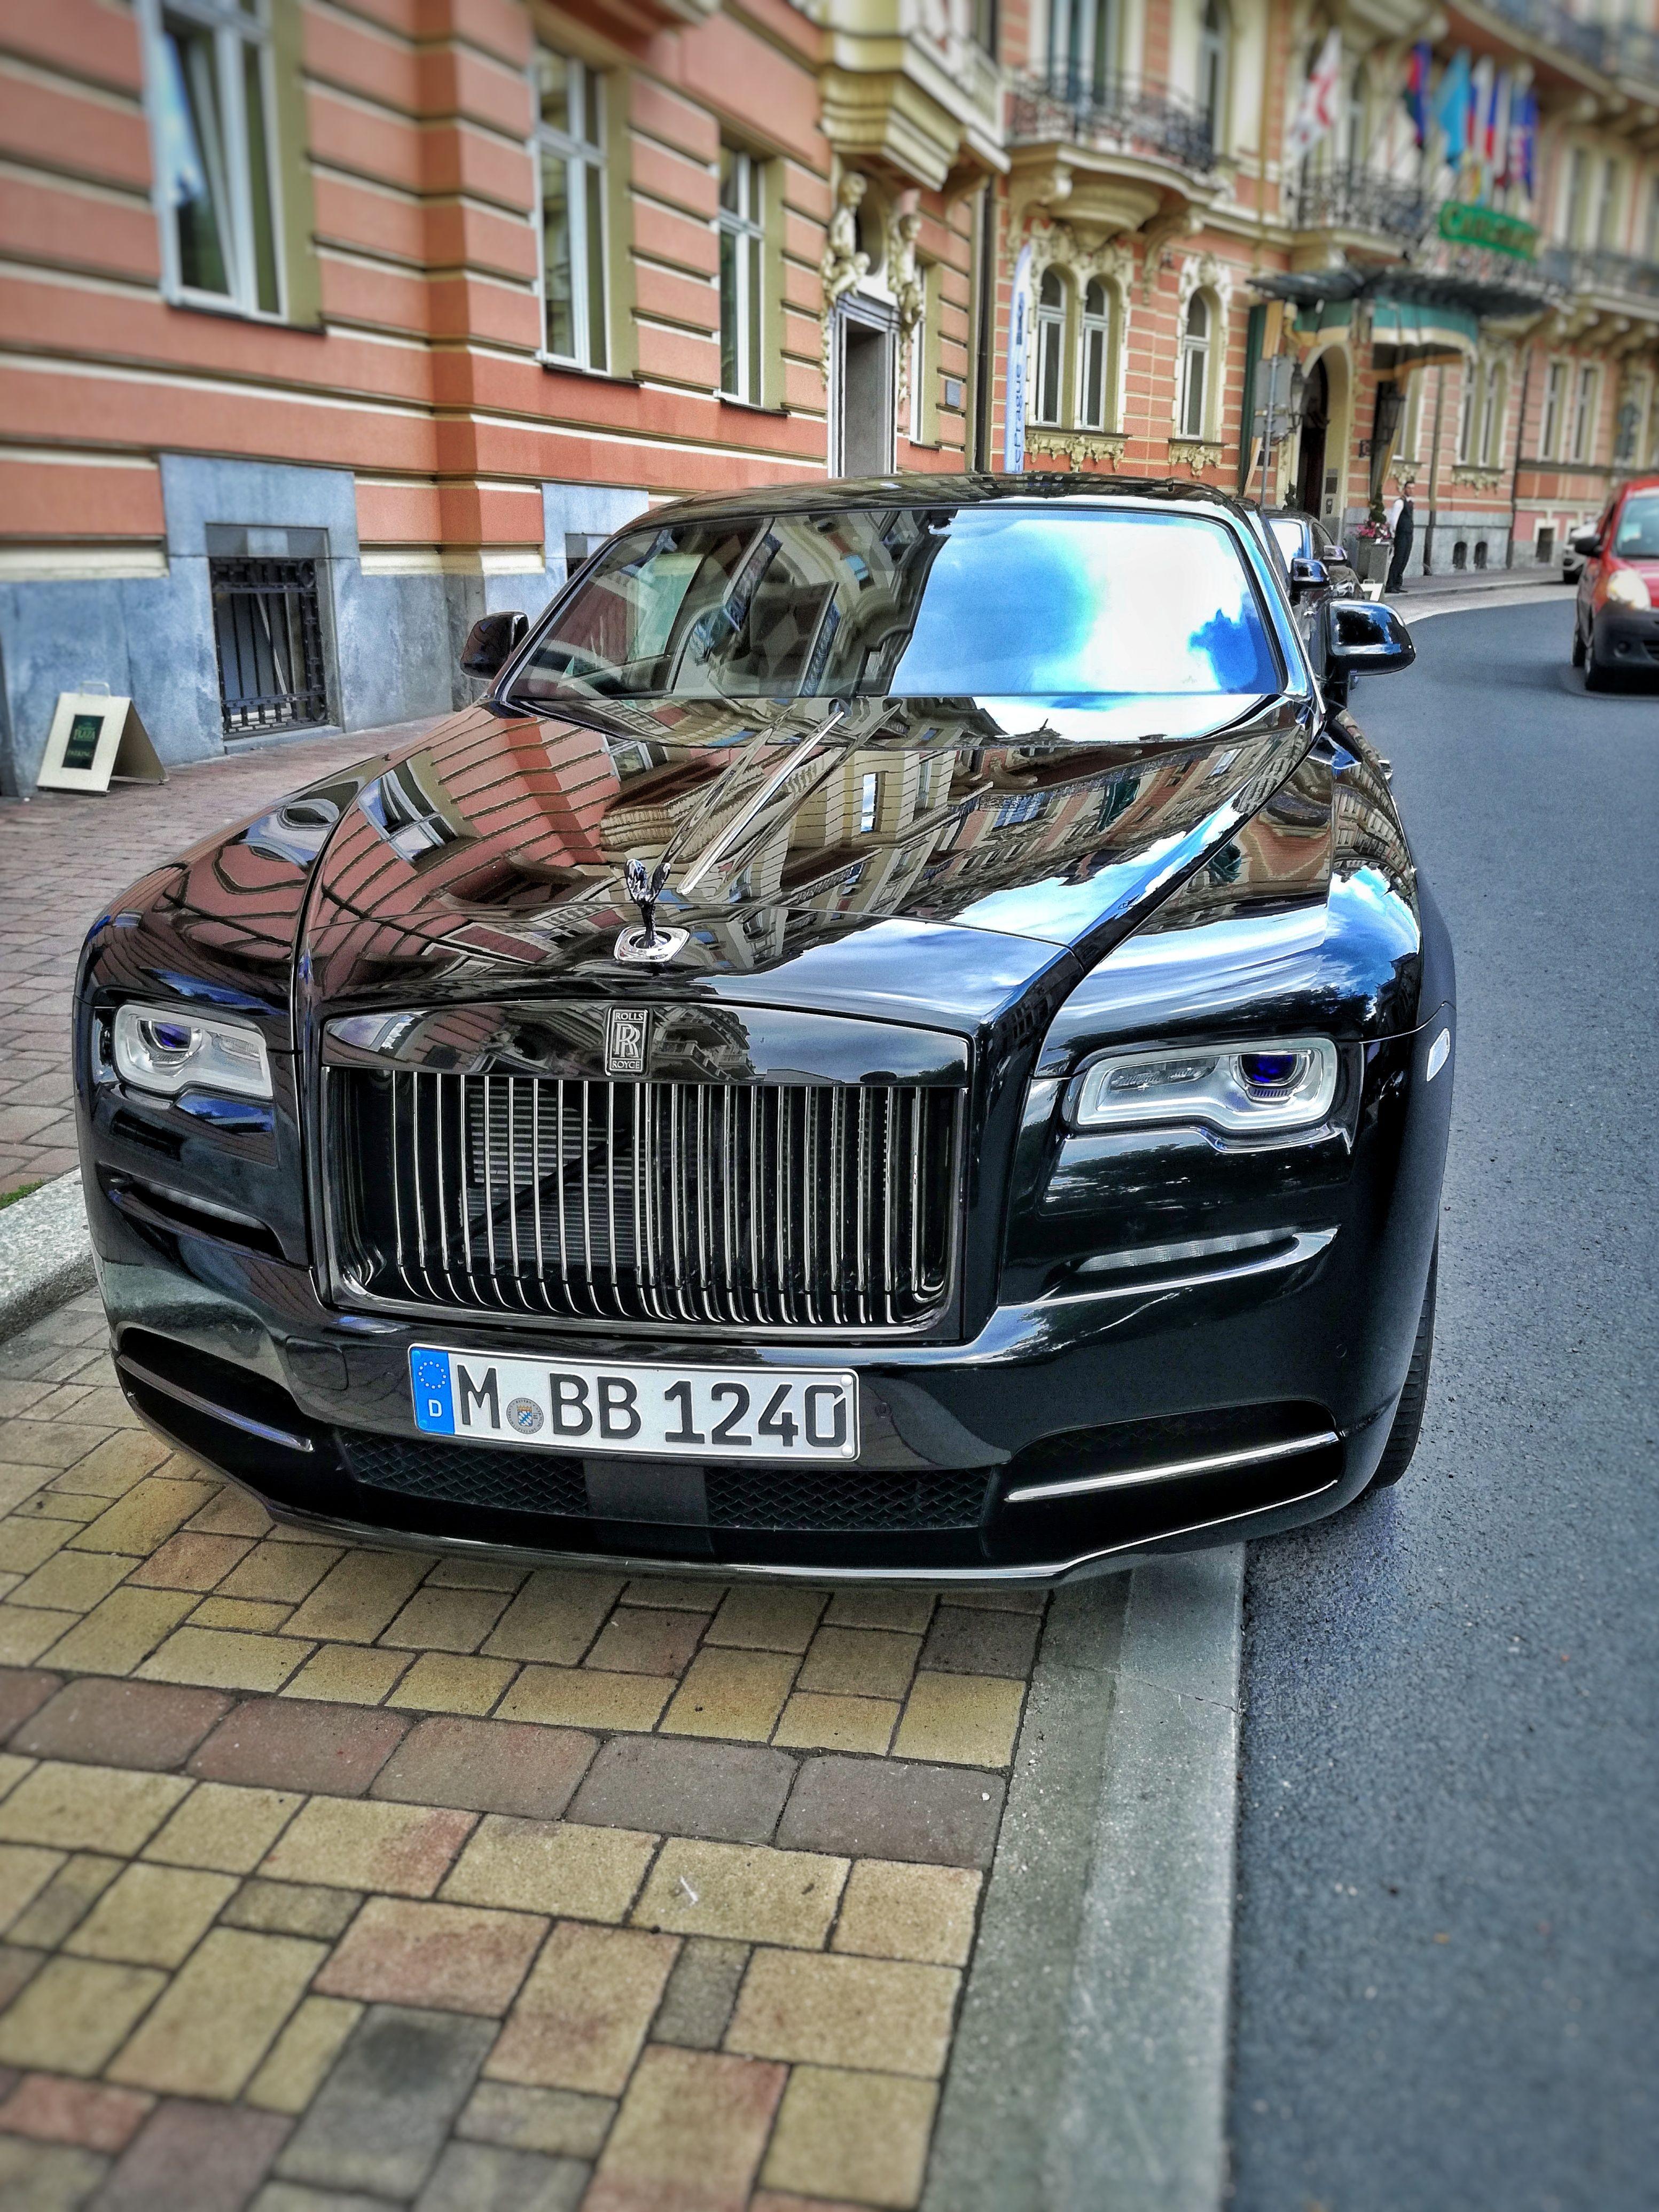 Rolls Royce Wraith Vase Fotky Zasilejte Pres Link Uvedeny V Nasem